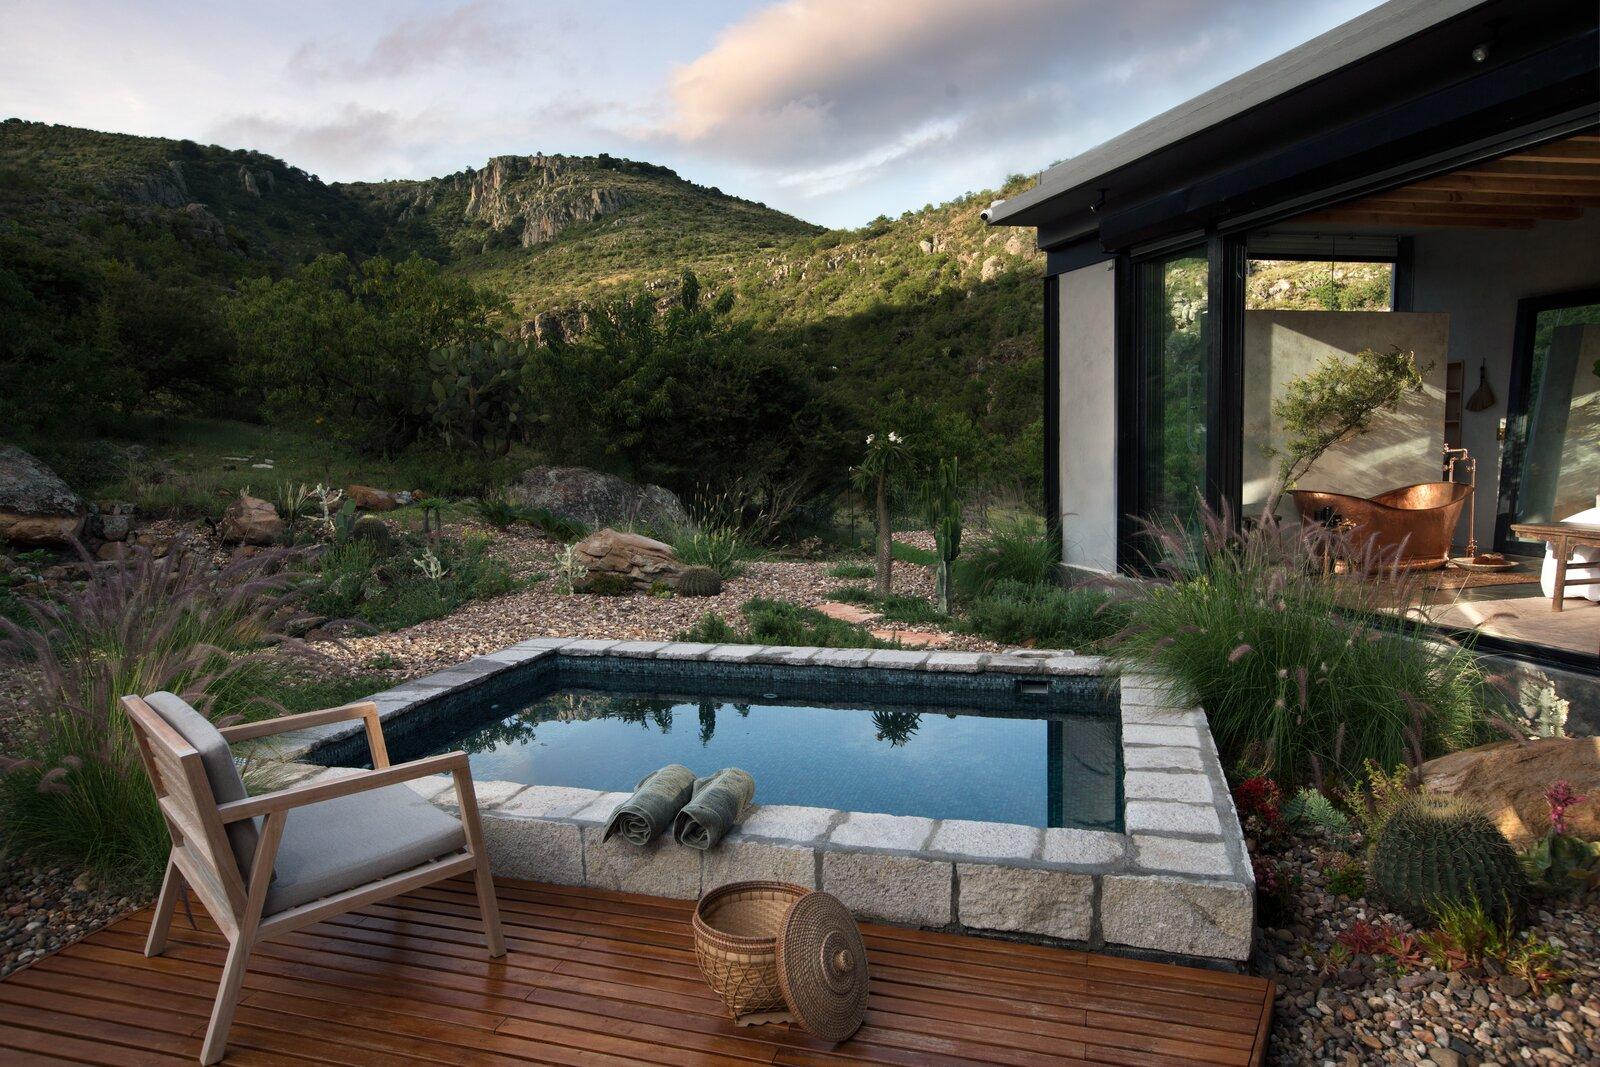 Casa Etérea patio